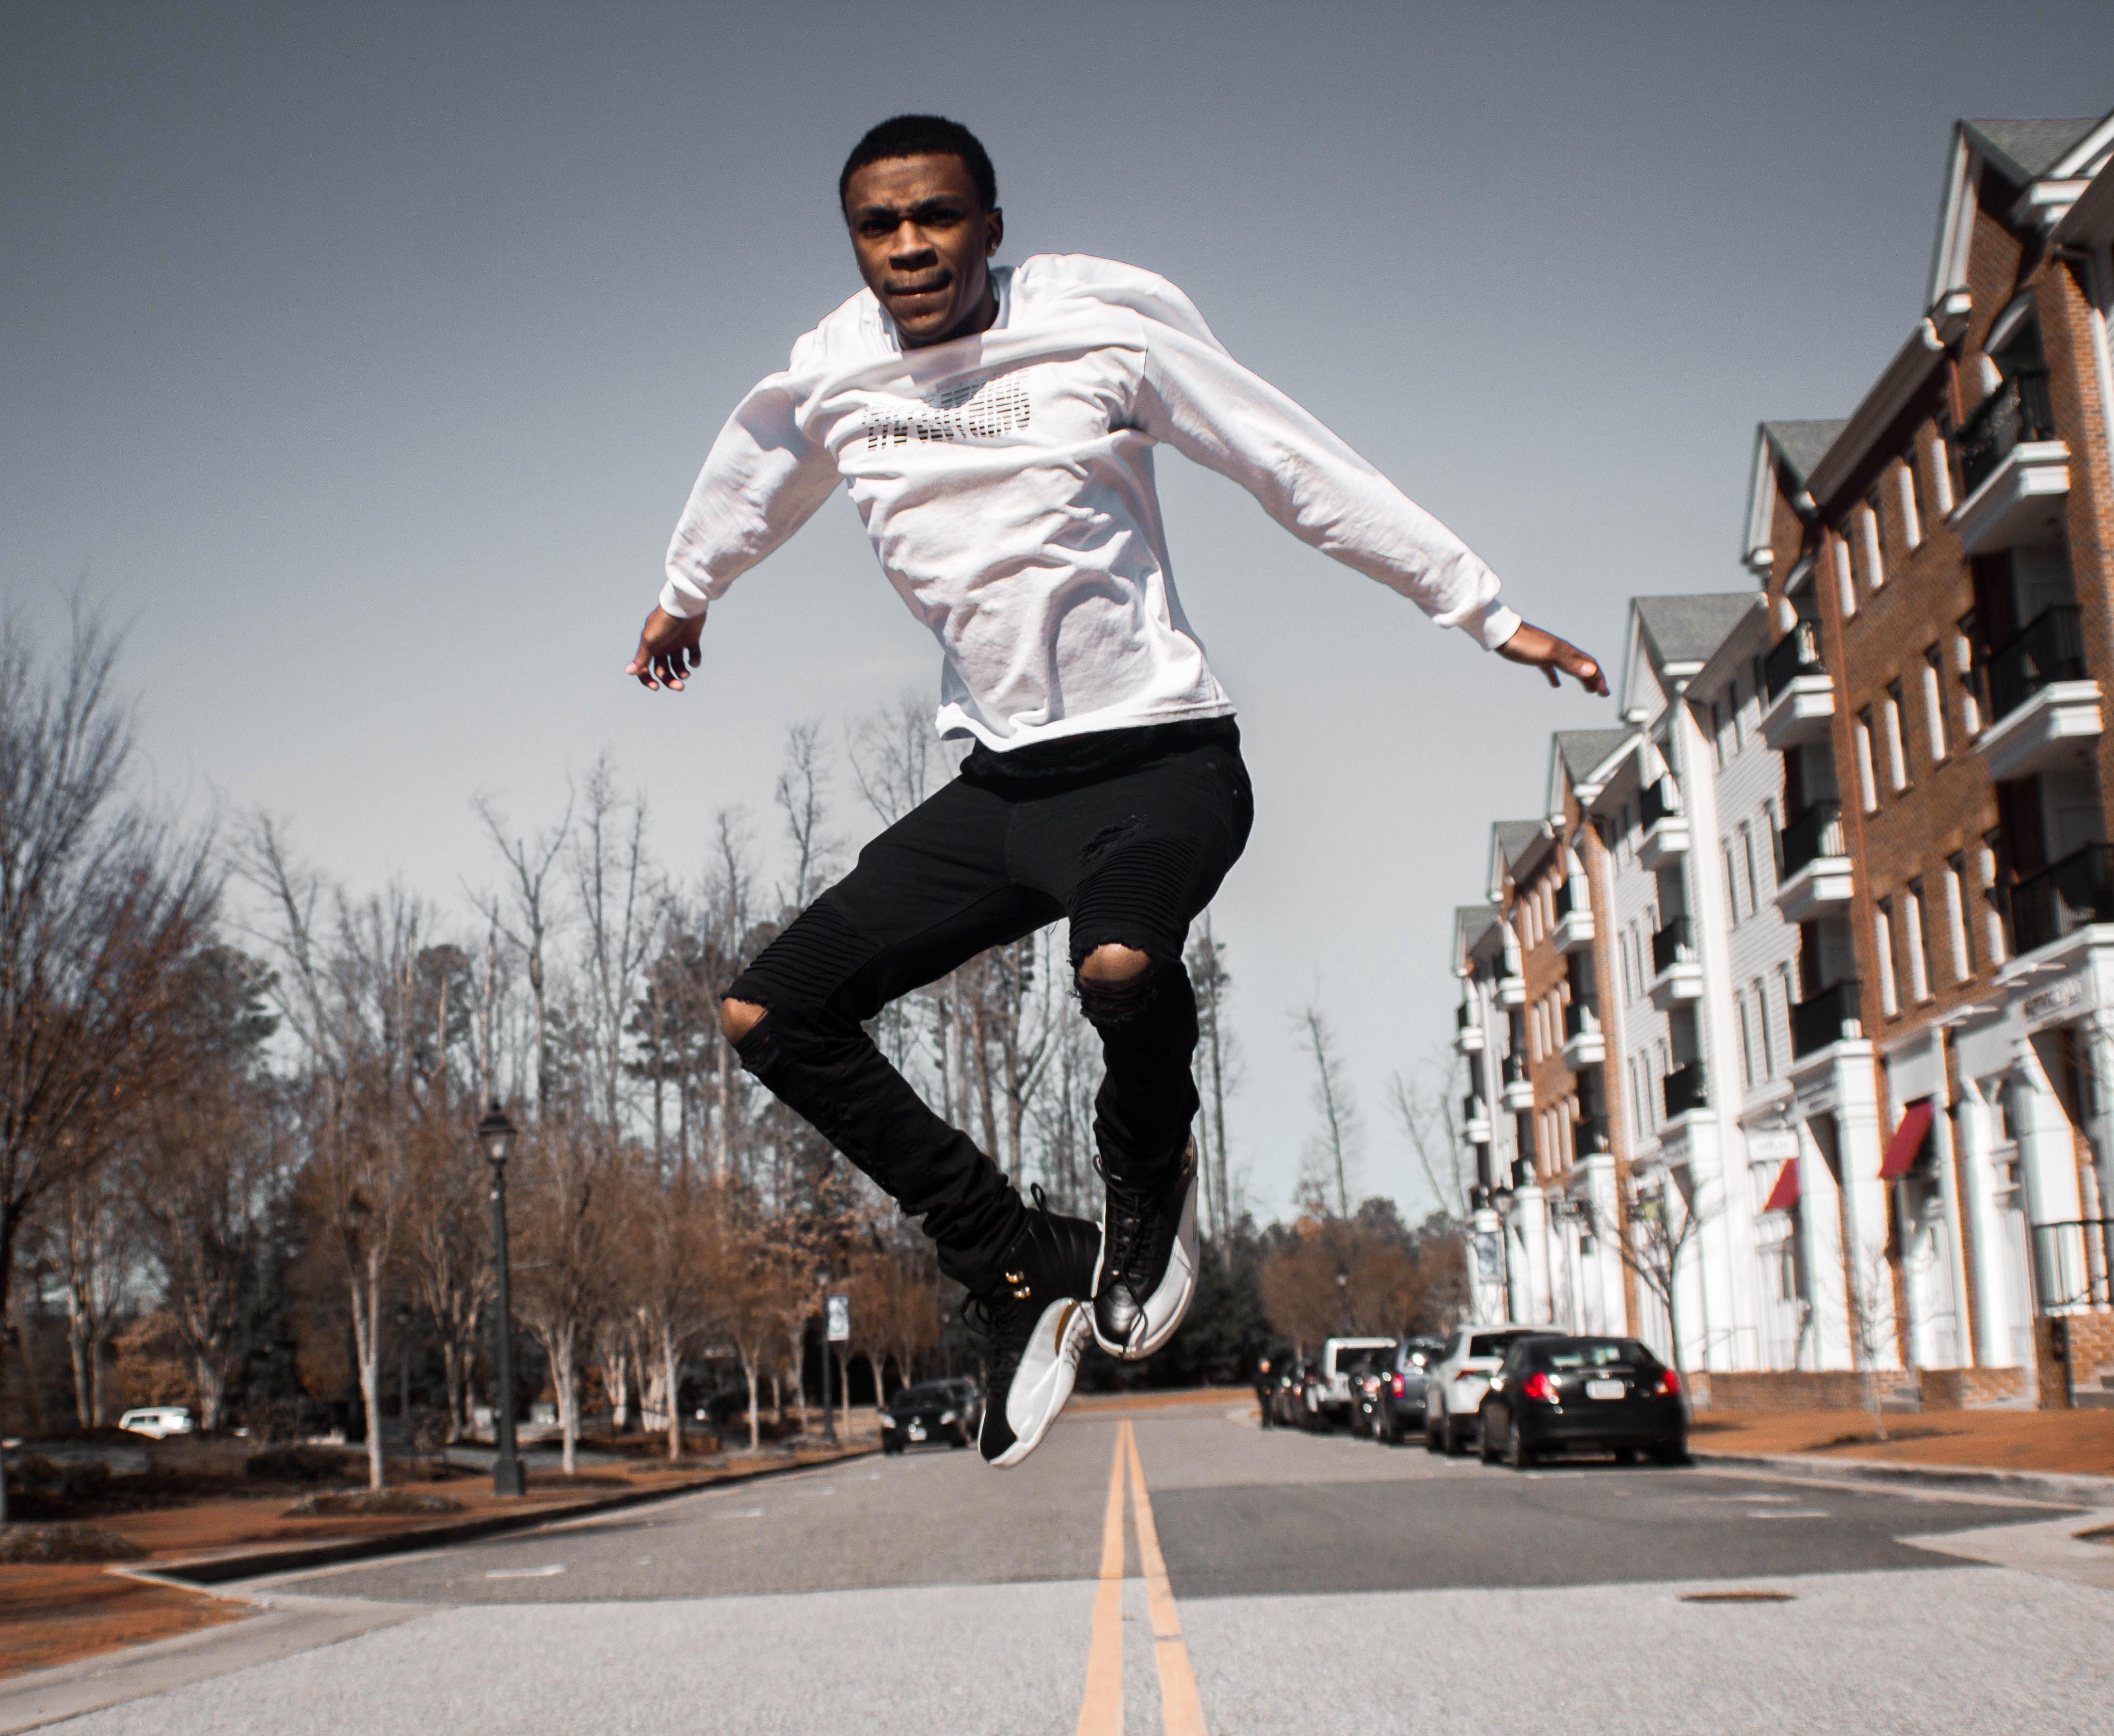 друзья четкие фото человек в прыжке сравнению традиционными